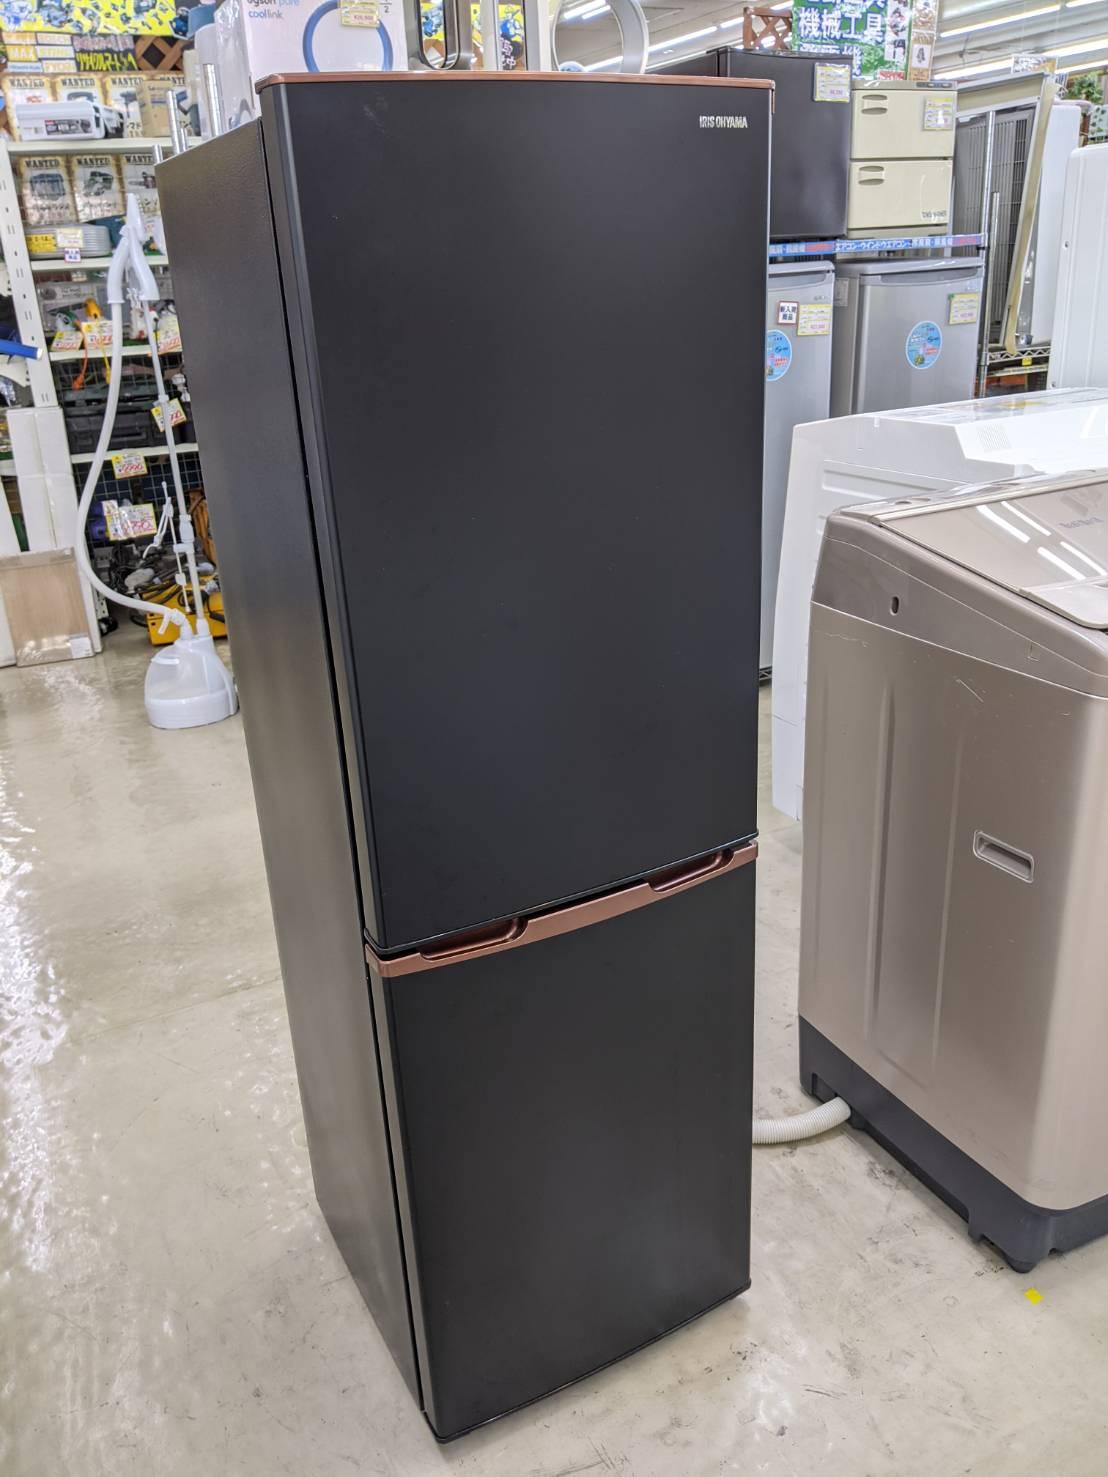 【IRIS OHYAMA アイリスオーヤマ 162L 冷蔵庫 IRSE-H16A-B 2019年式】を買取いたしました!の買取-